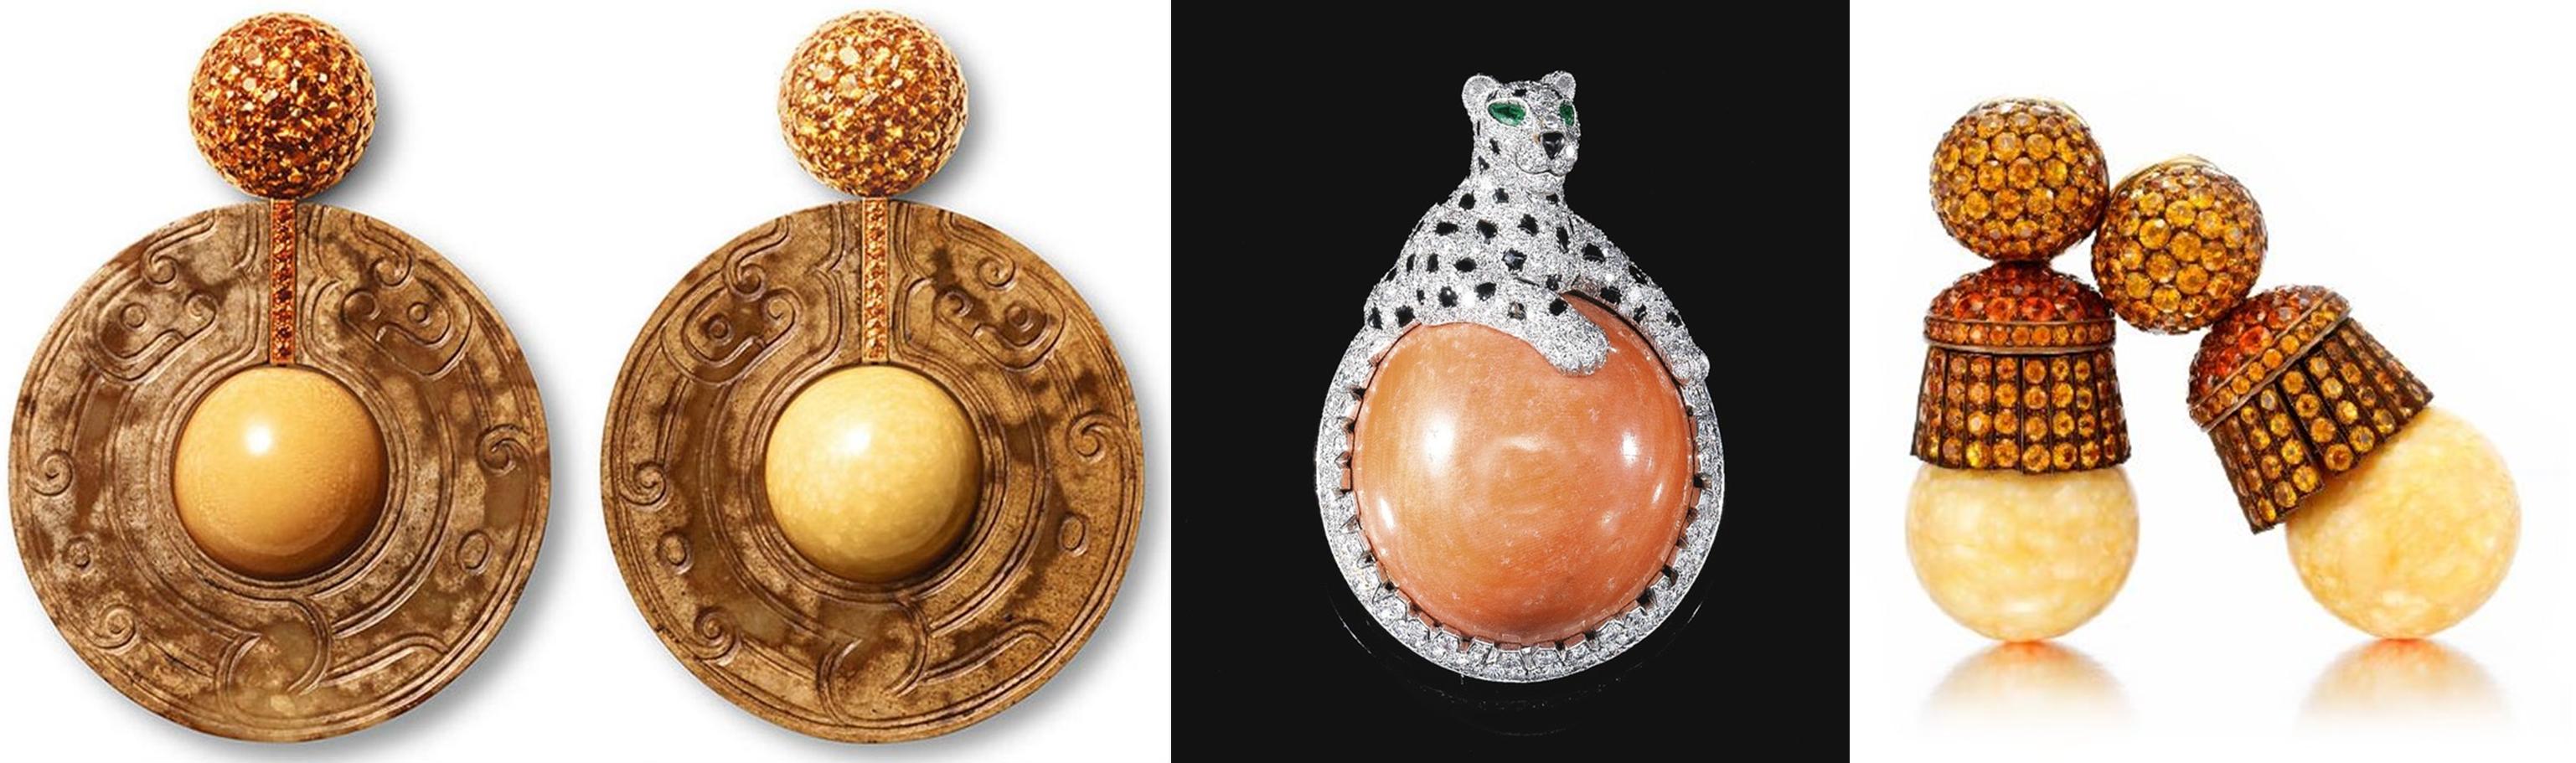 ювелирные украшения с жемчужинами мело